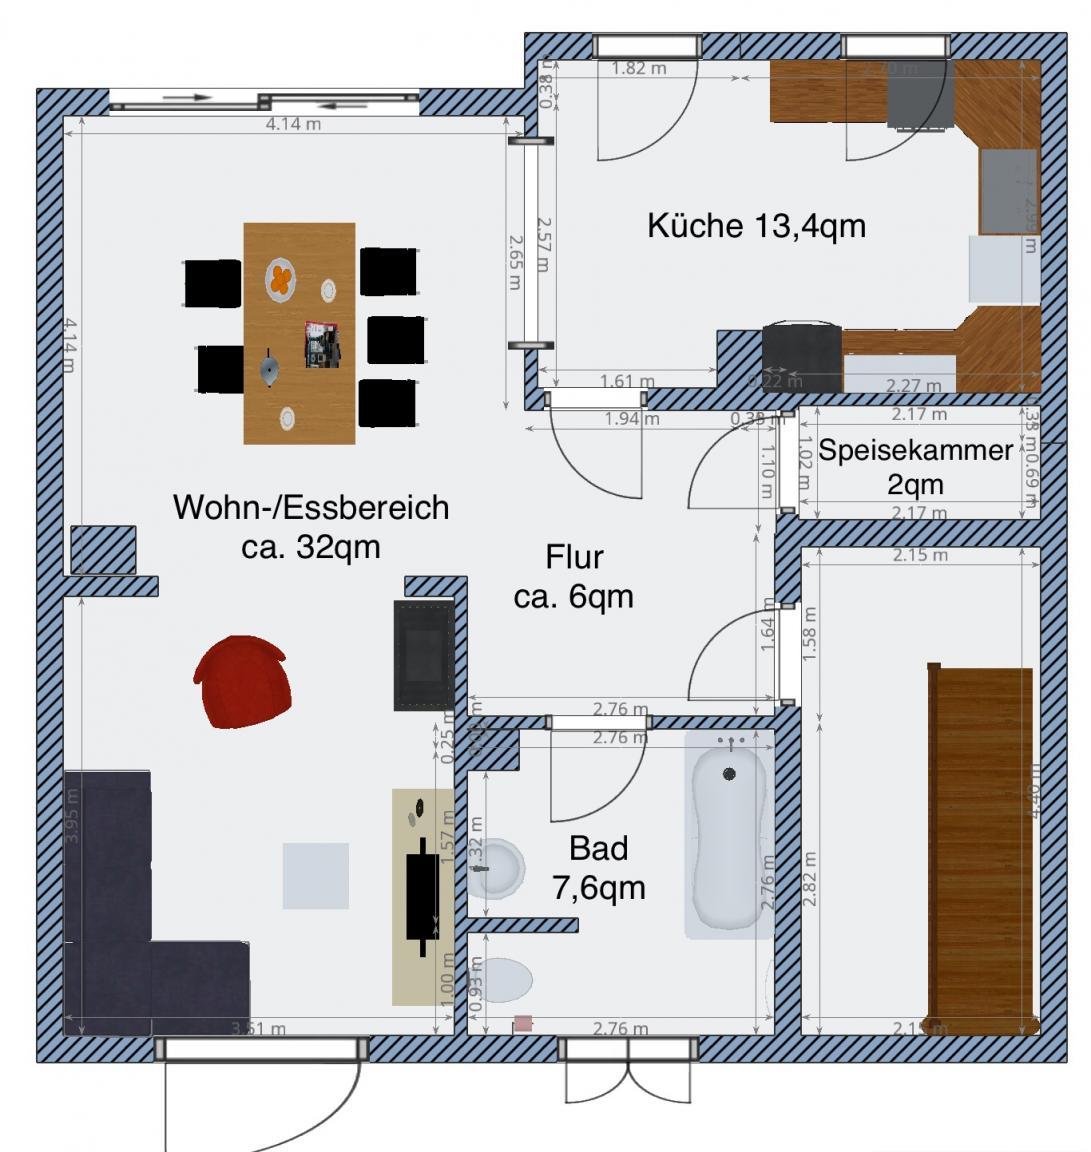 Zweifamilienhaus Zu Einfamilienhaus Grundriss Sinnvoll